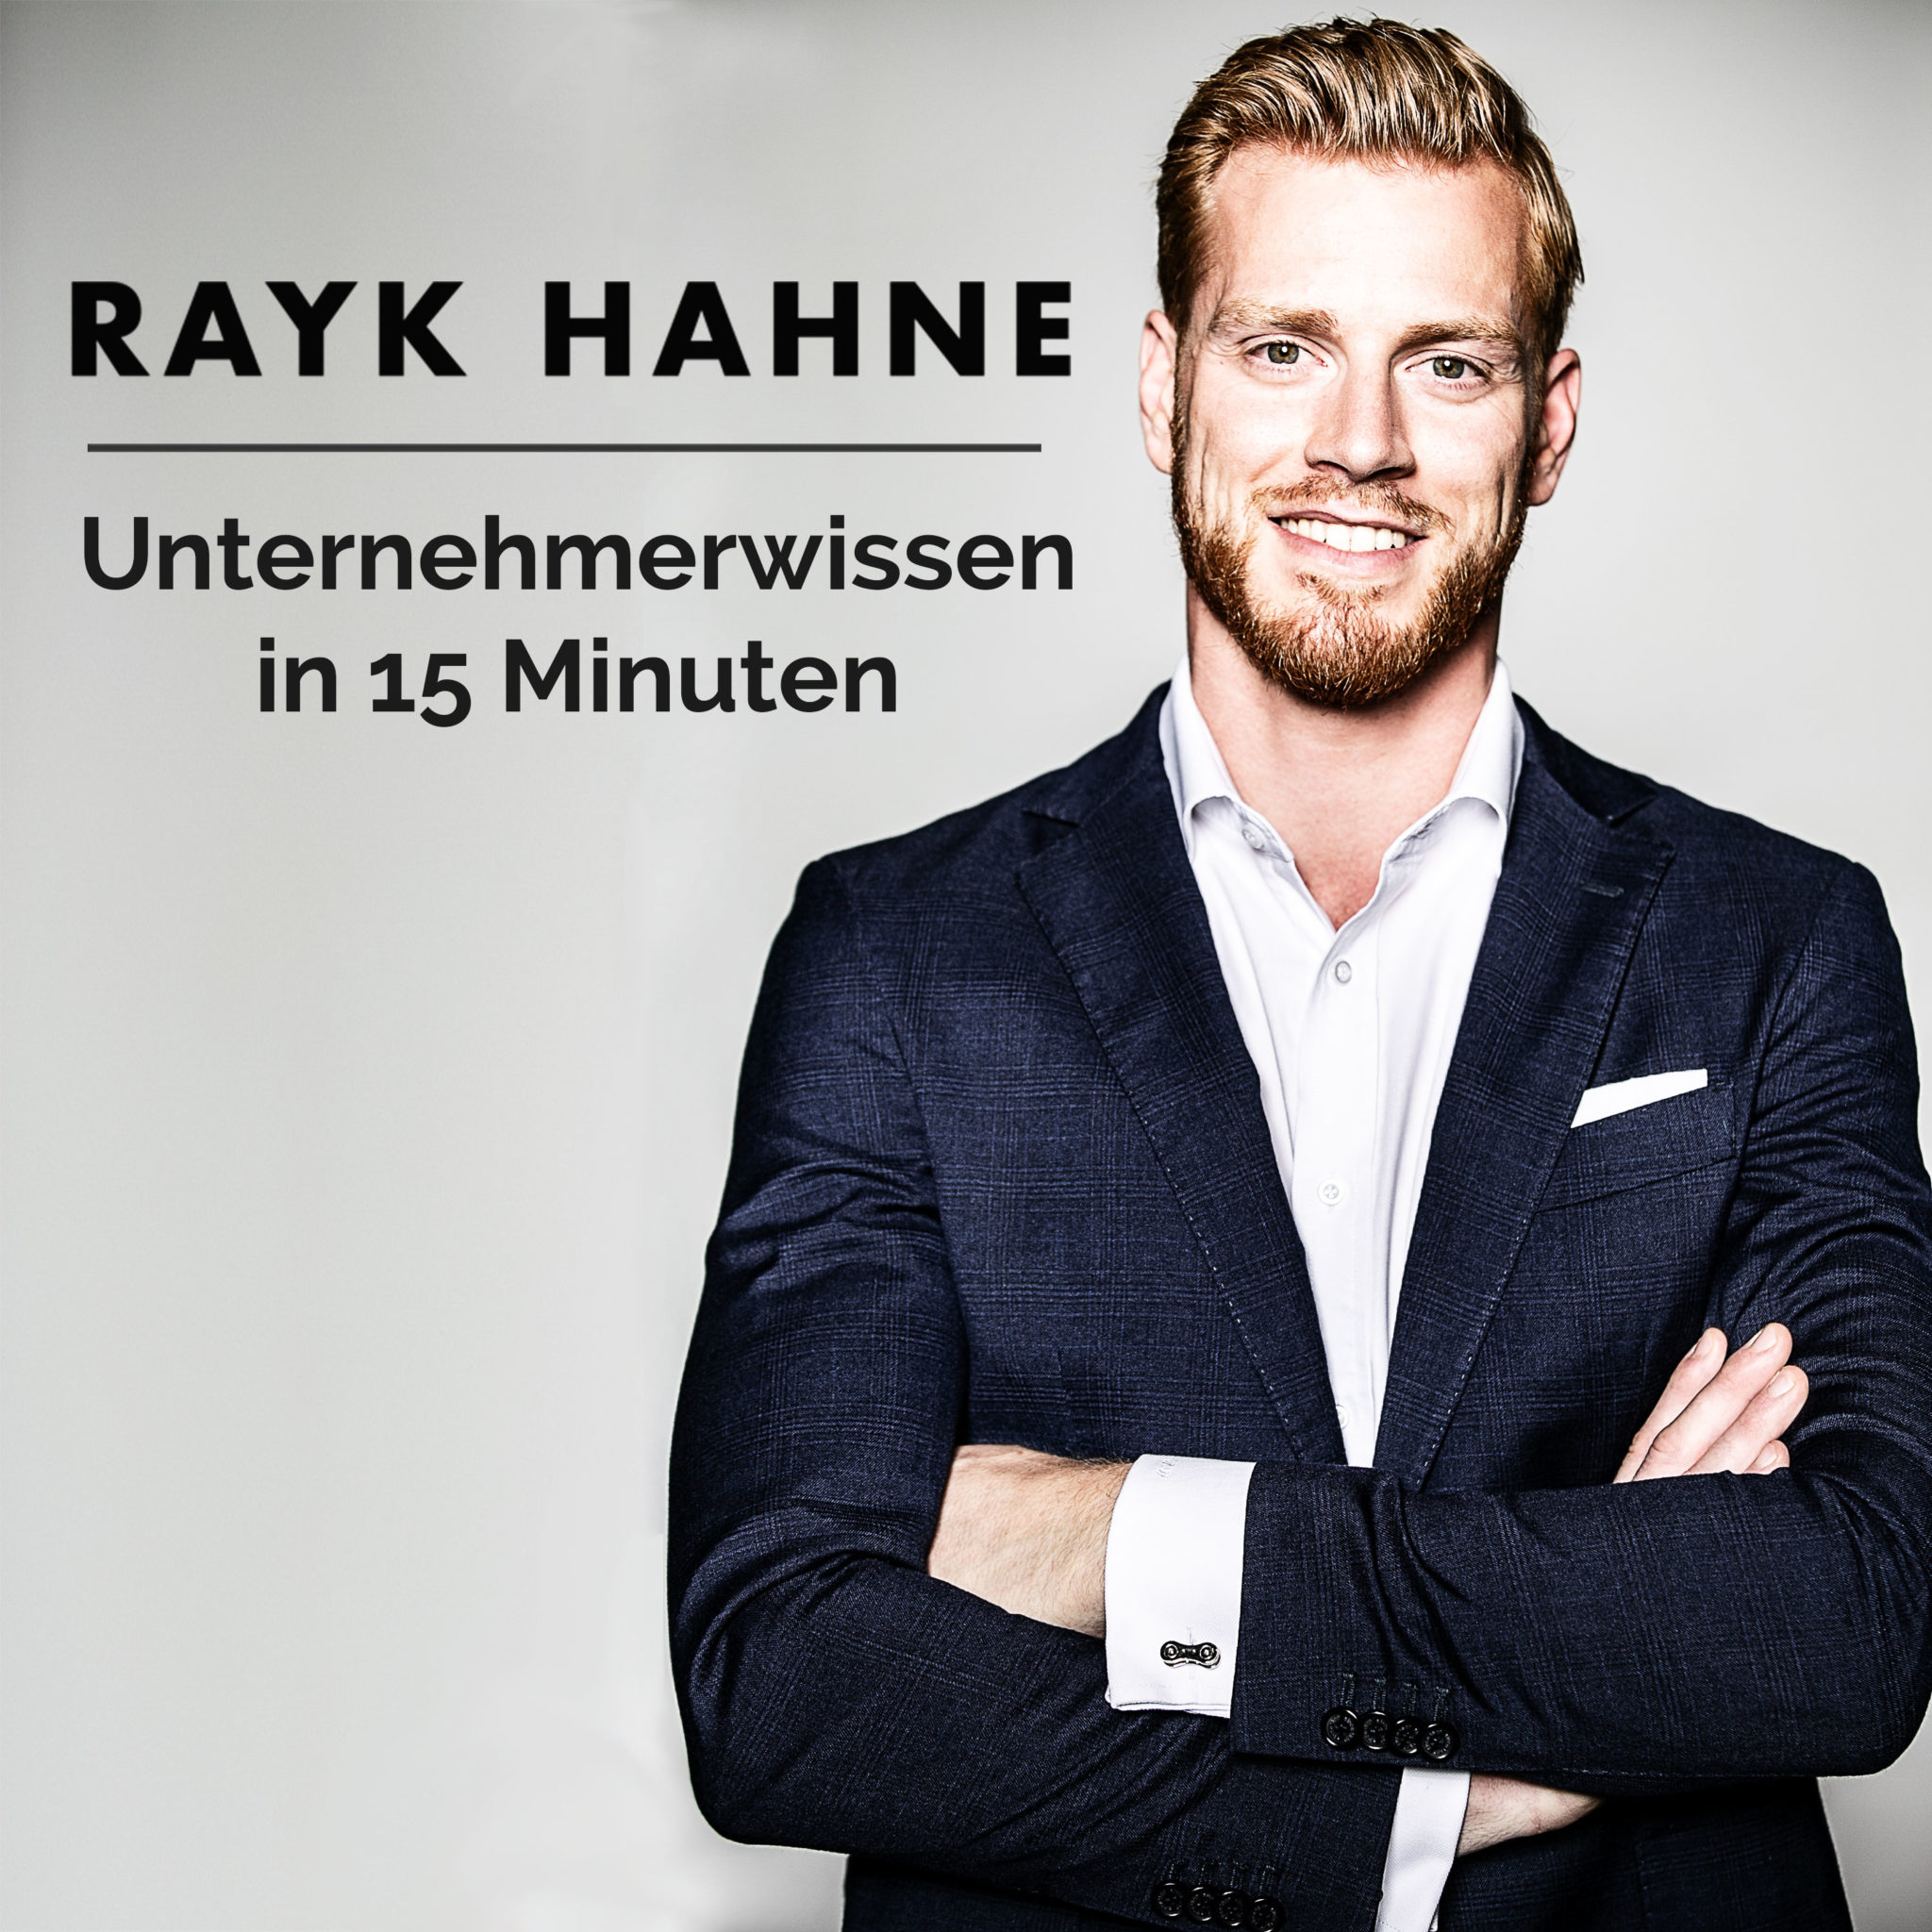 Unternehmerwissen in 15 Minuten - Mit Rayk Hahne show art